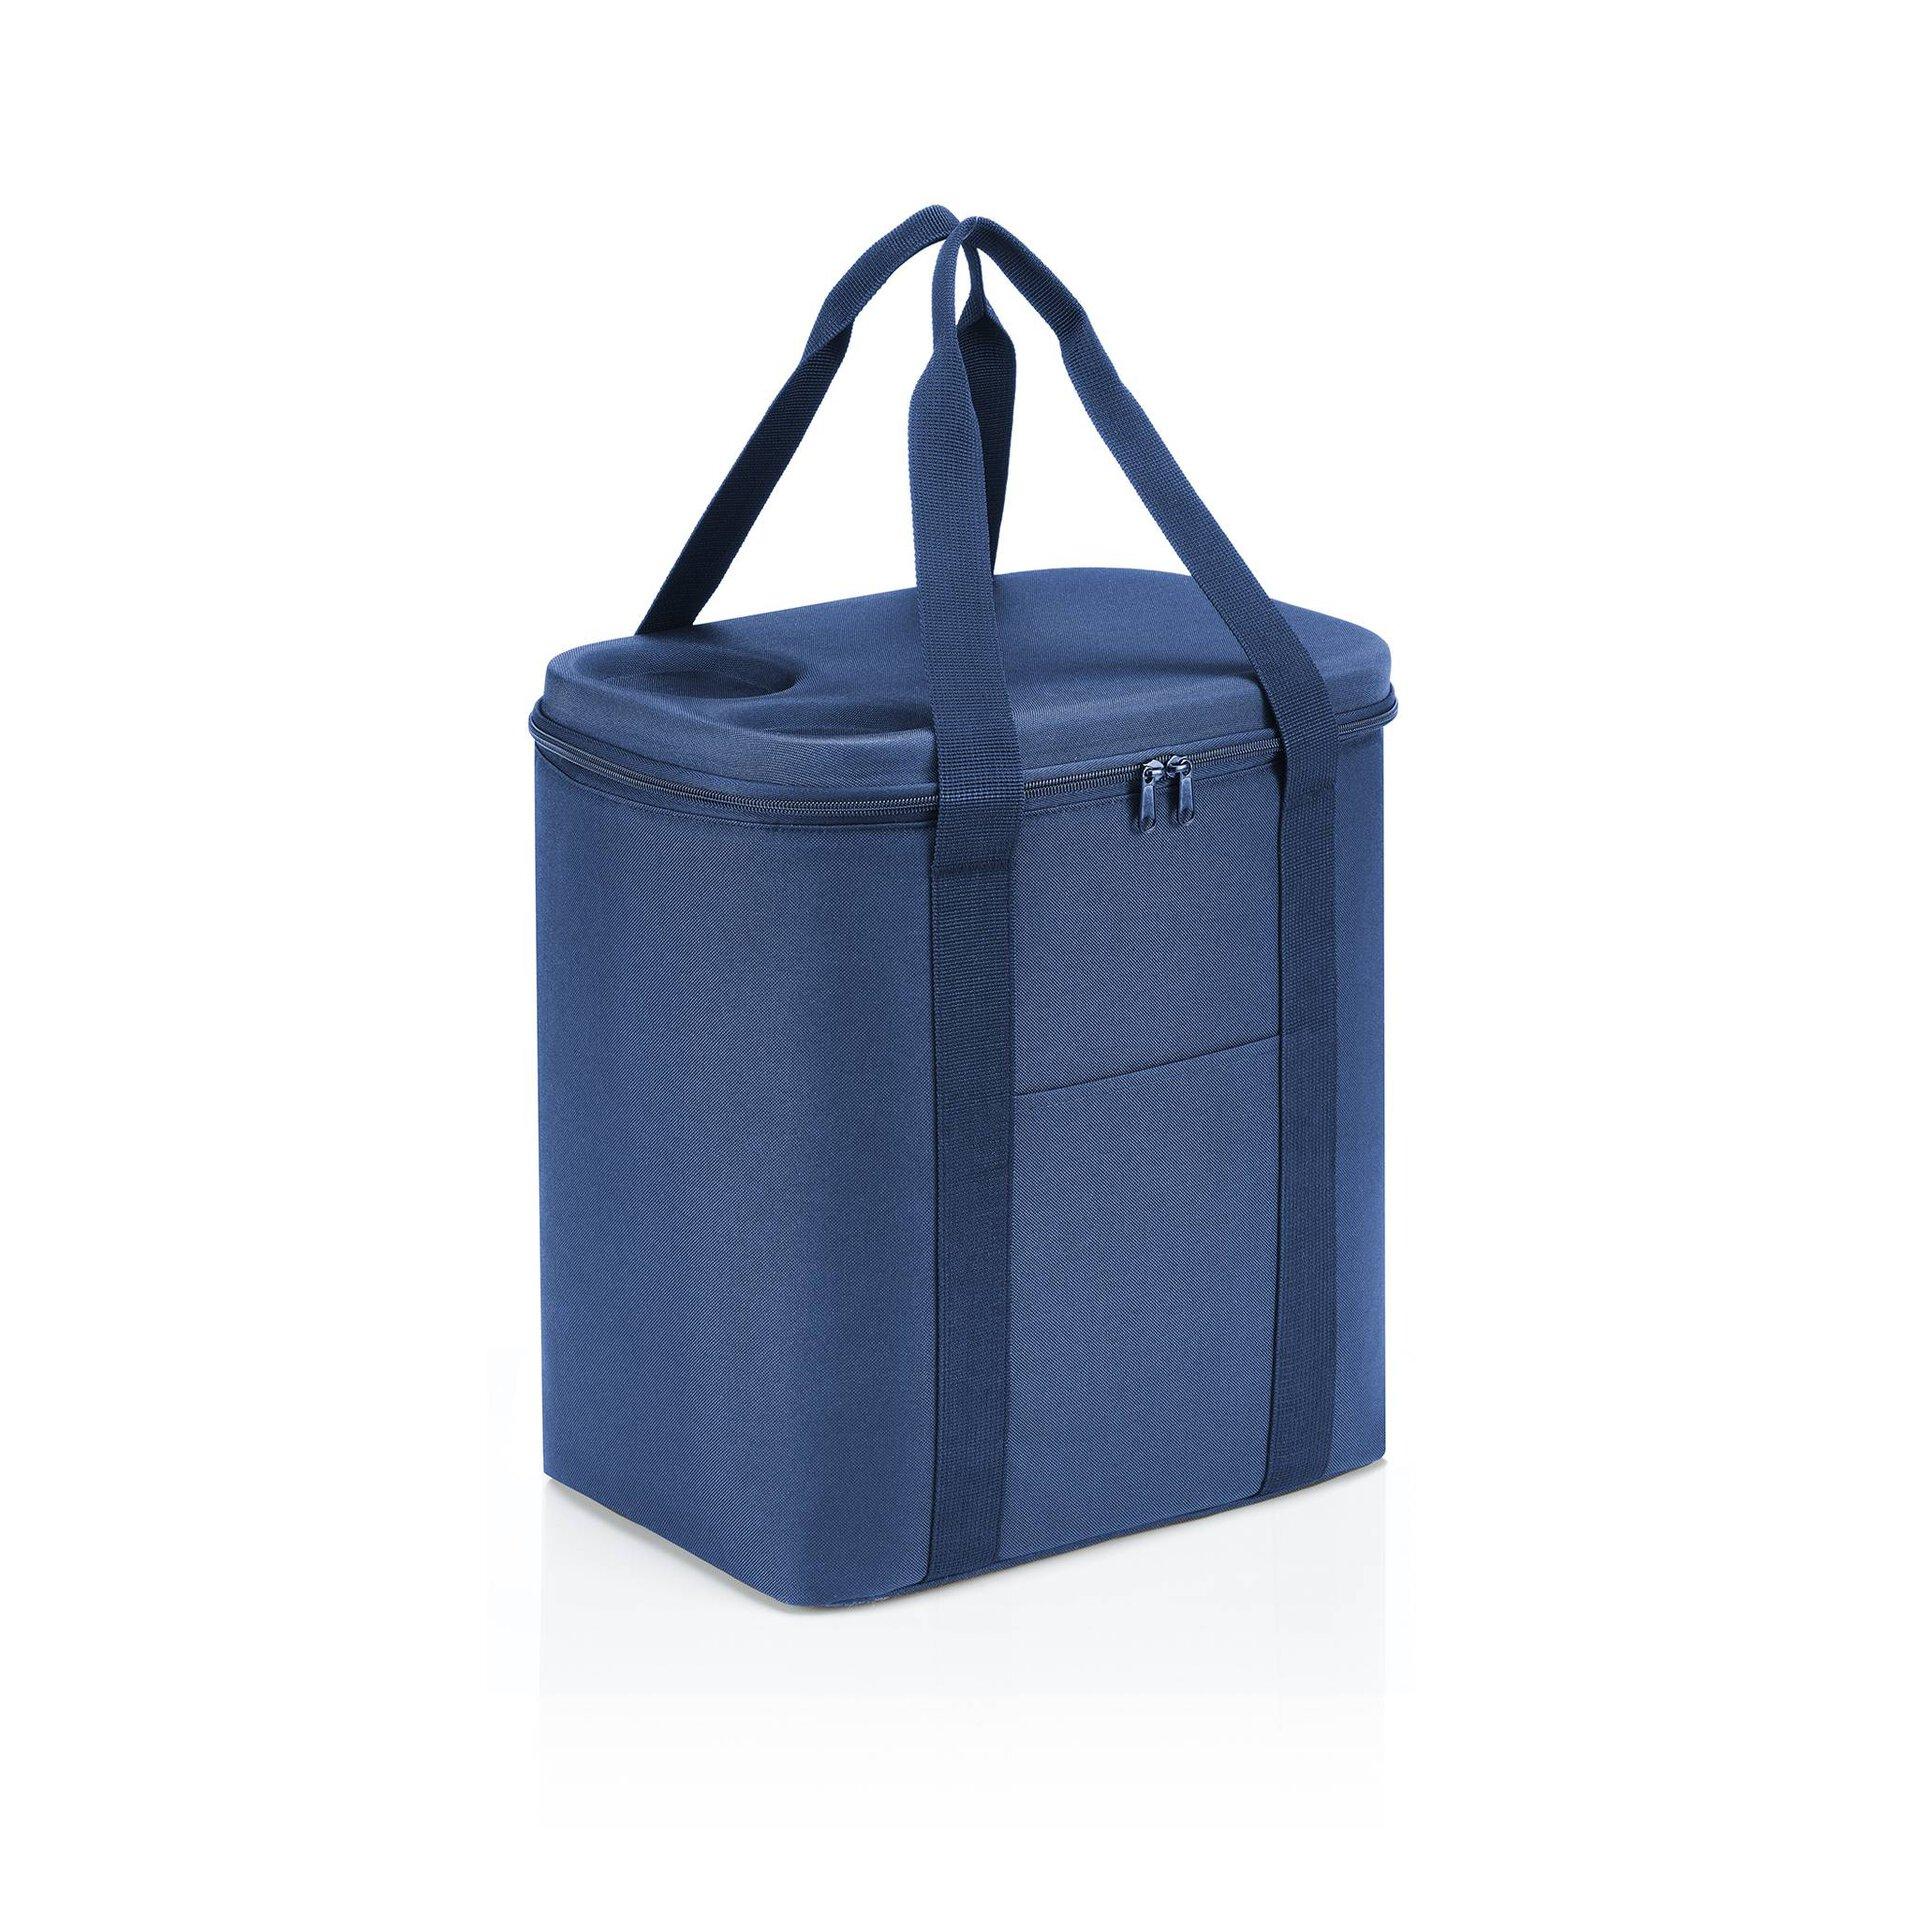 Tasche coolerbag XL Reisenthel Textil 37 x 41 x